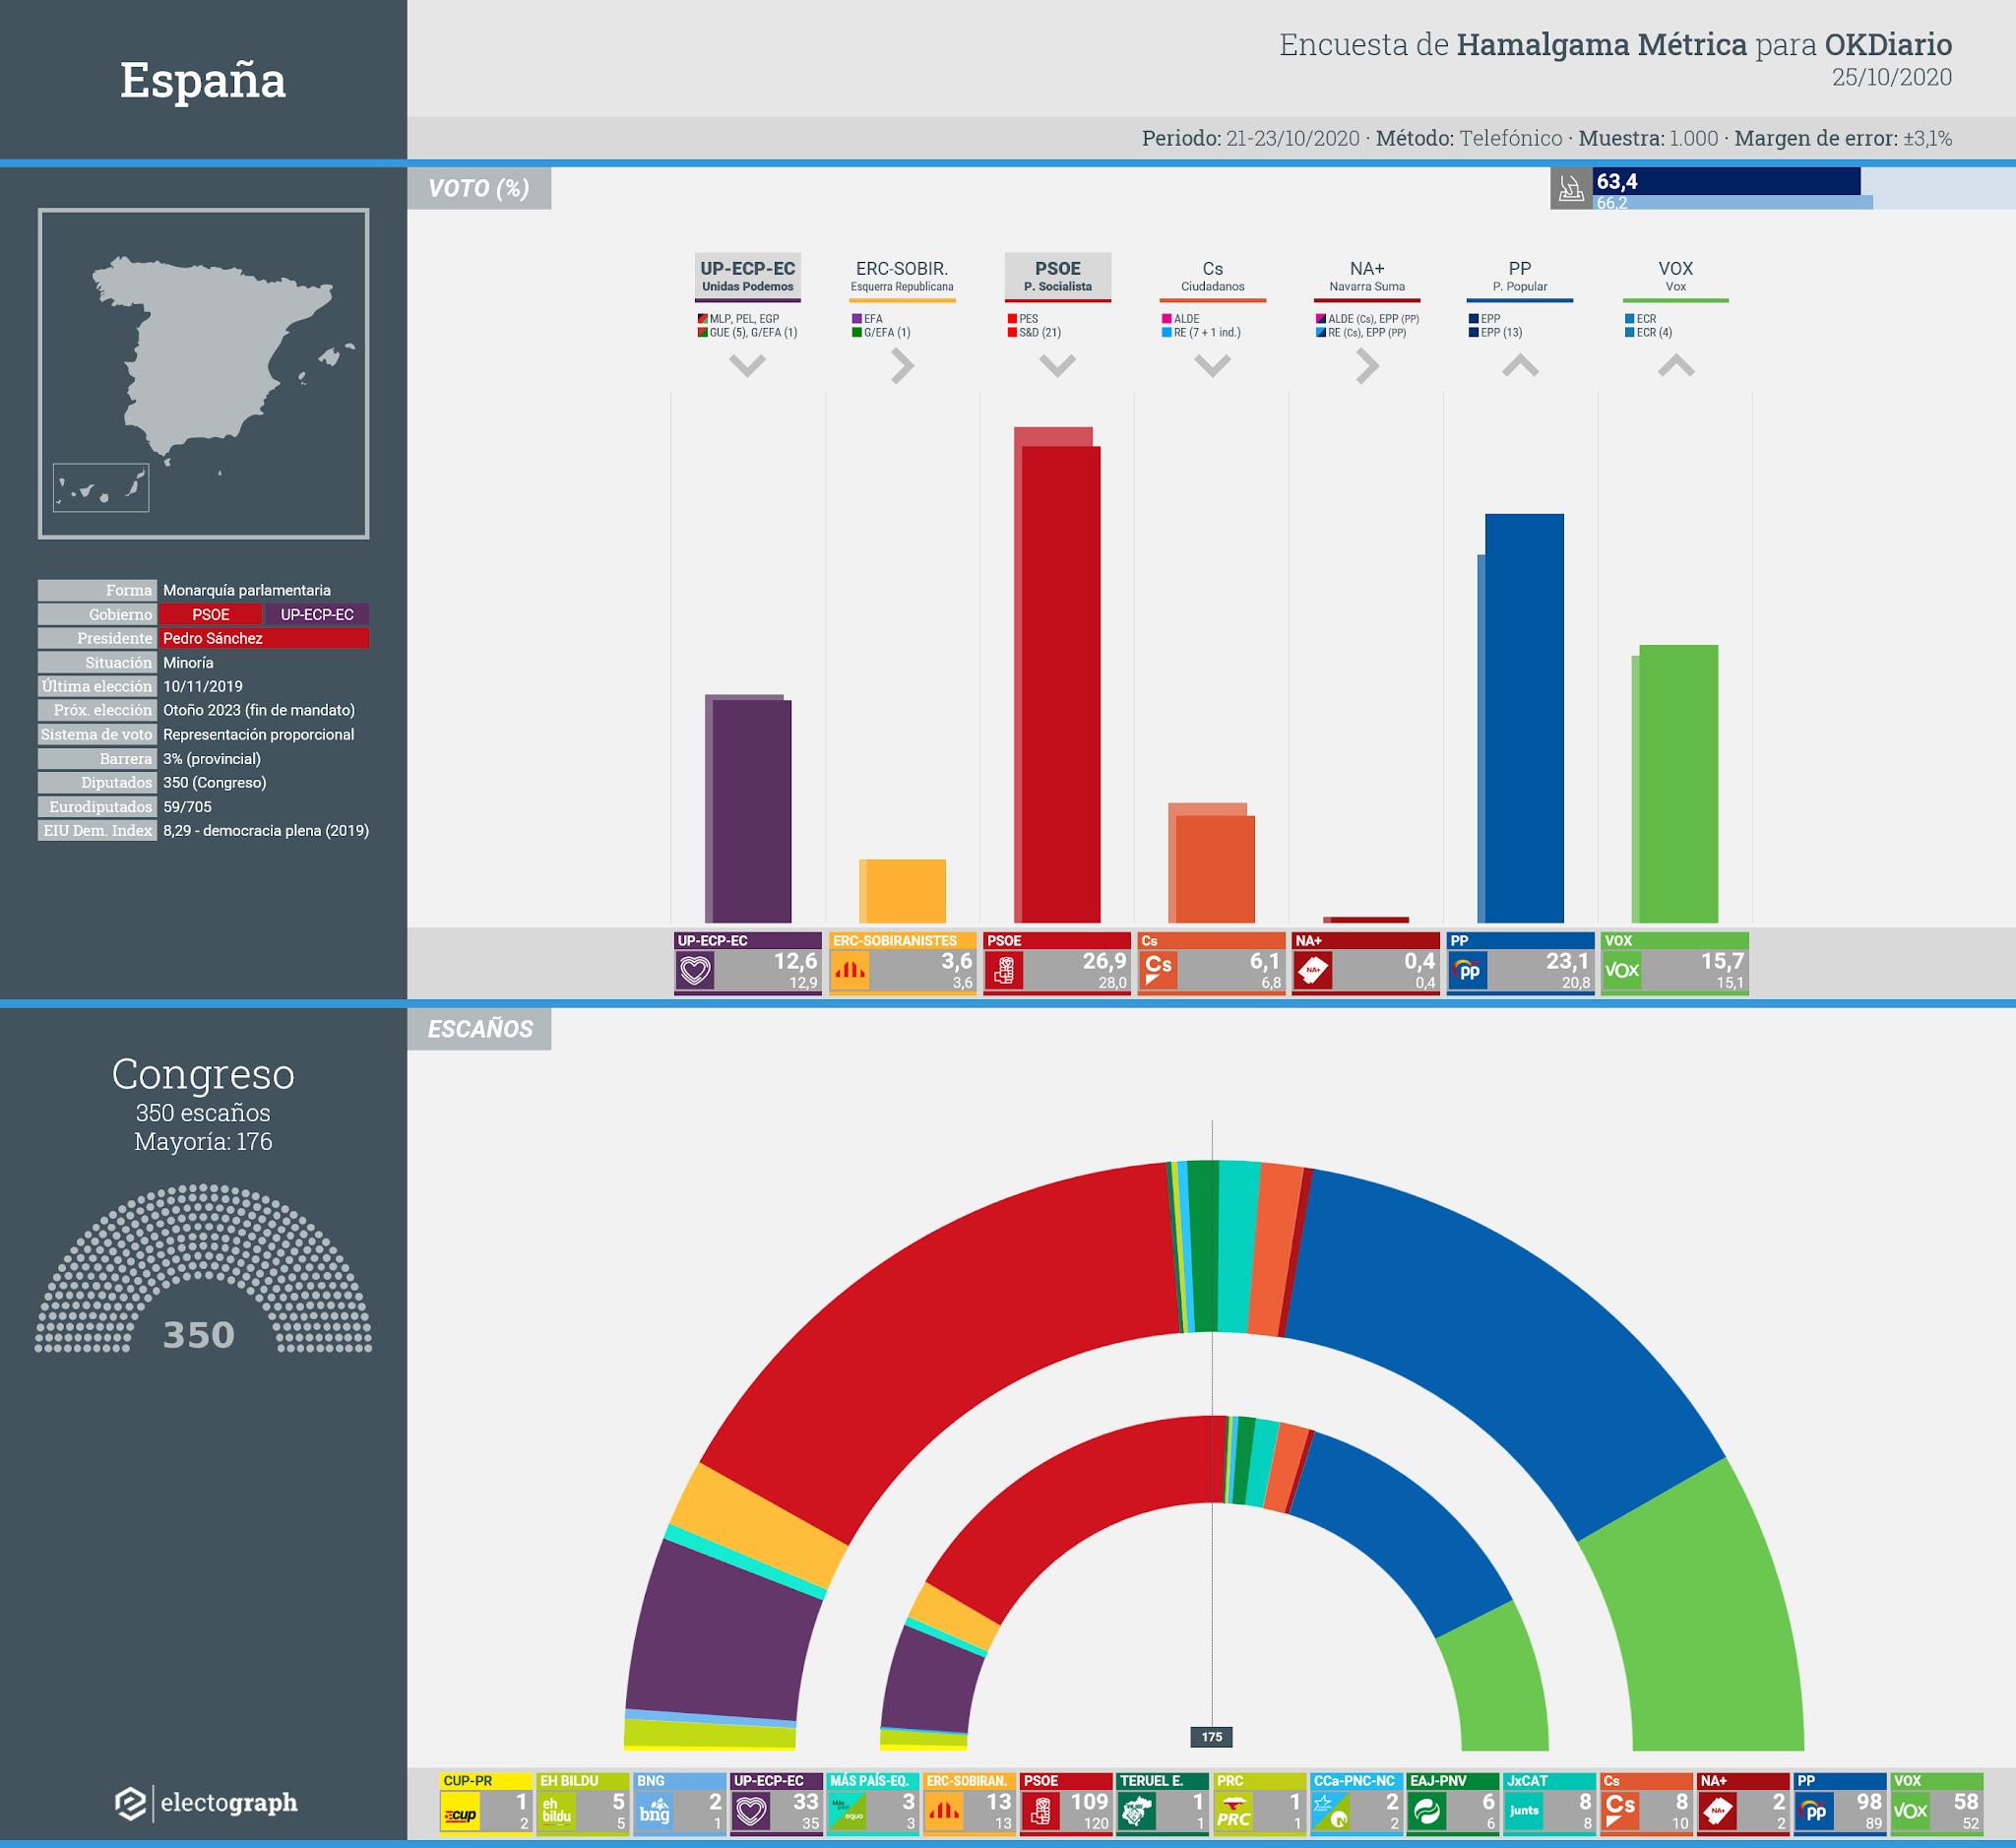 Gráfico de la encuesta para elecciones generales en España realizada por Hamalgama Métrica para OKDiario, 25 de octubre de 2020